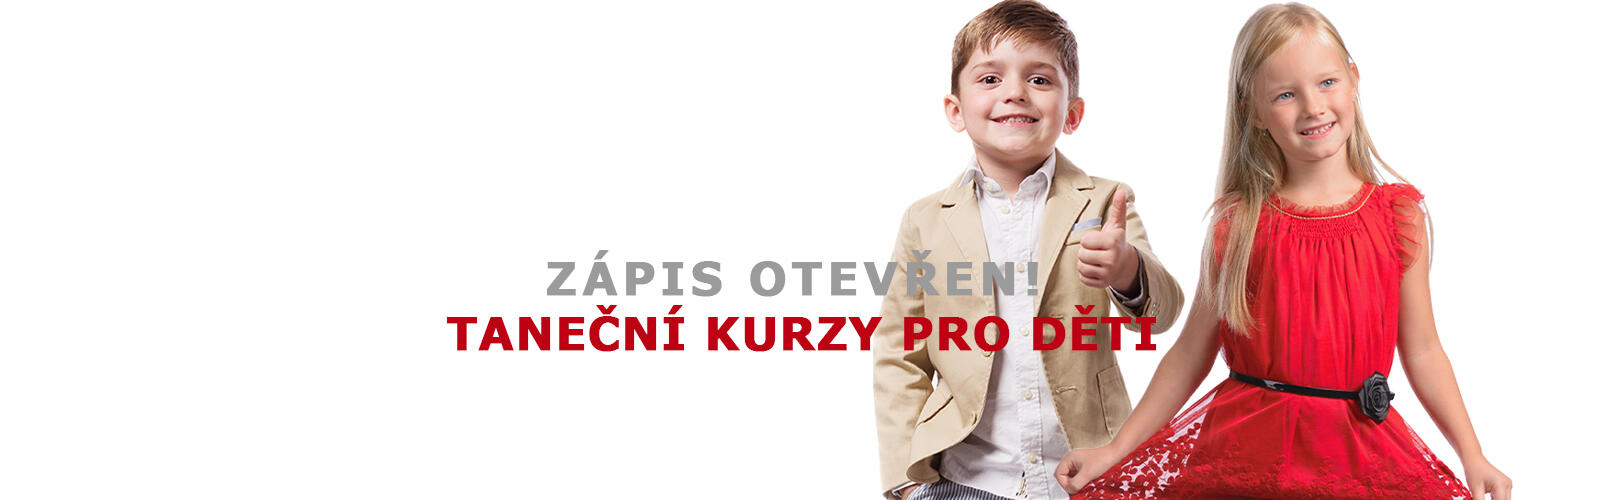 Taneční kurzy pro děti a mládež | Mladá Boleslav a Bakov nad Jizerou | Taneční škola COOL DANCE